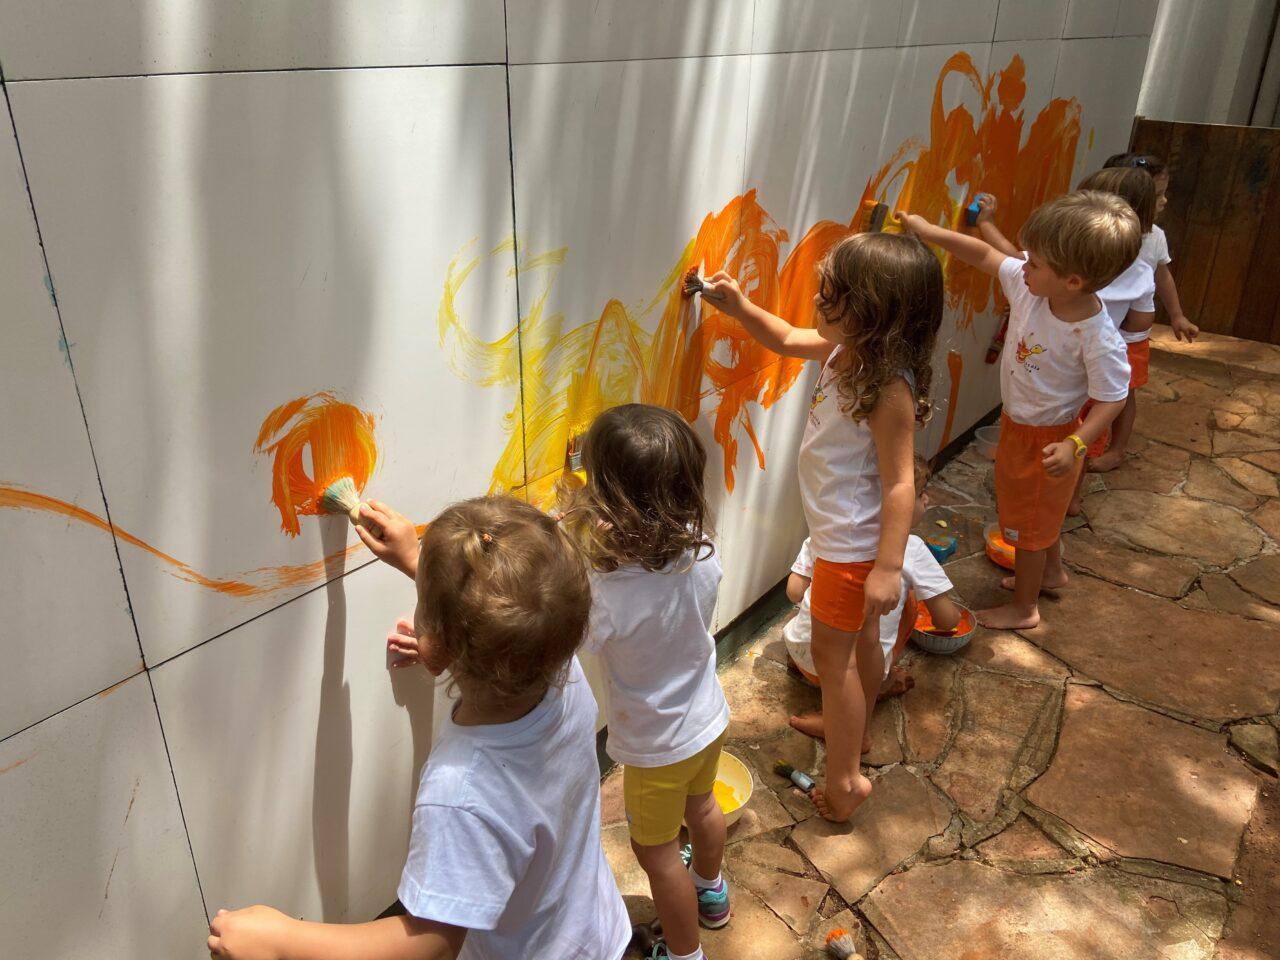 Crianças pequenas pintando a parede com as cores amarela e laranja.